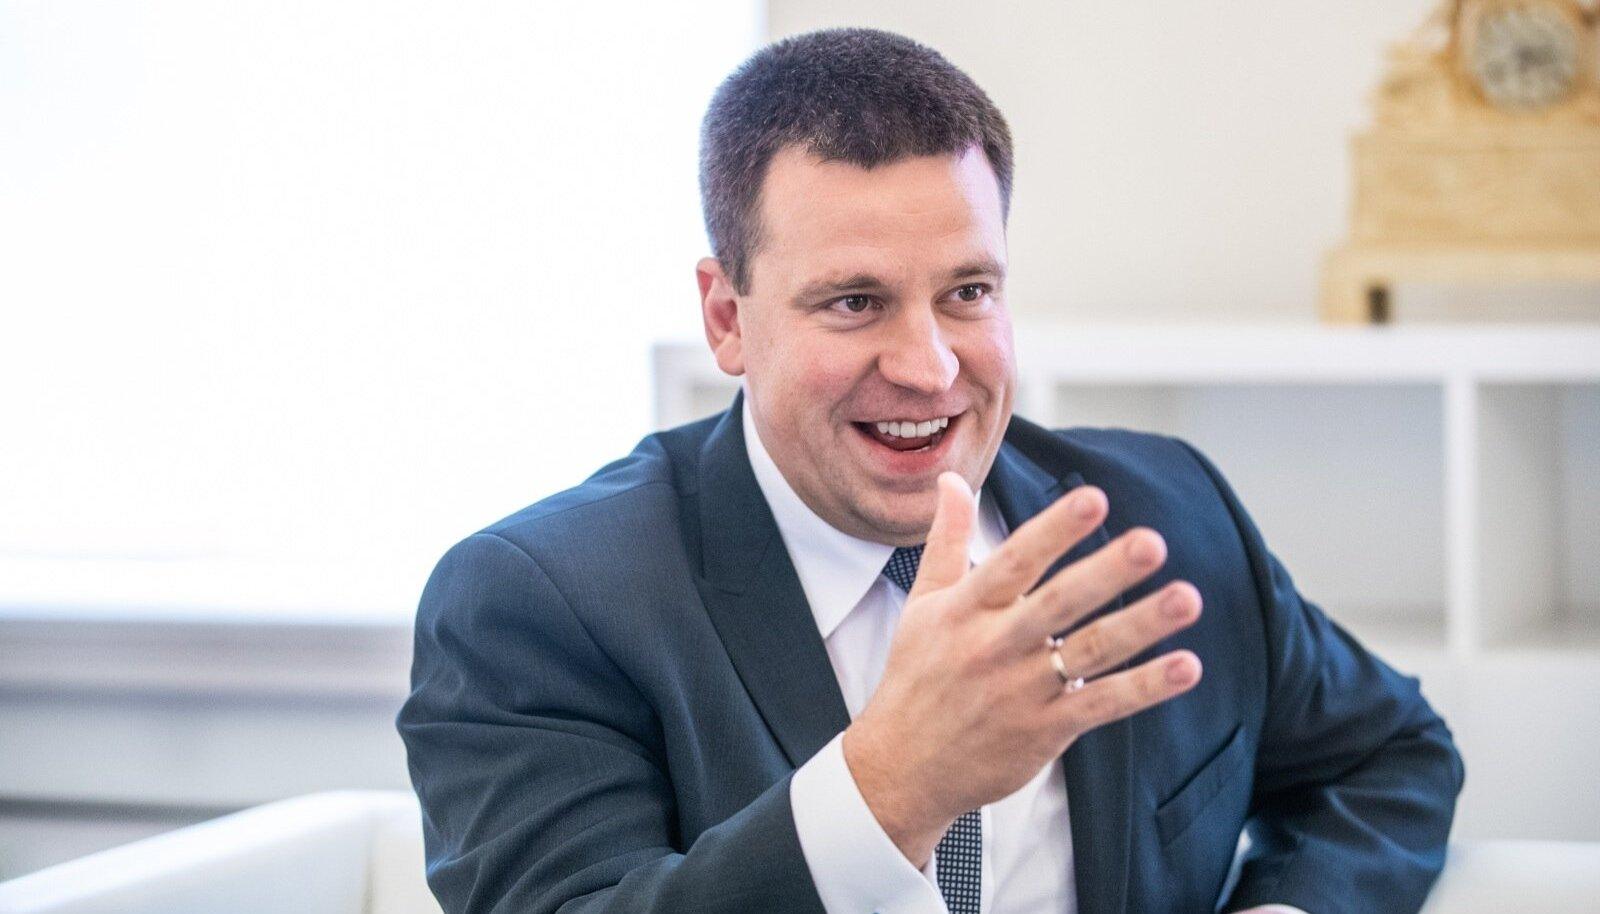 Märkimisväärsel kombel pole EKRE ministrite skandaalid Jüri Ratase renomeed kahjustanud, vaid pannud inimesed hoopis tema peaministriametisse sobivust kõrgemalt hindama.